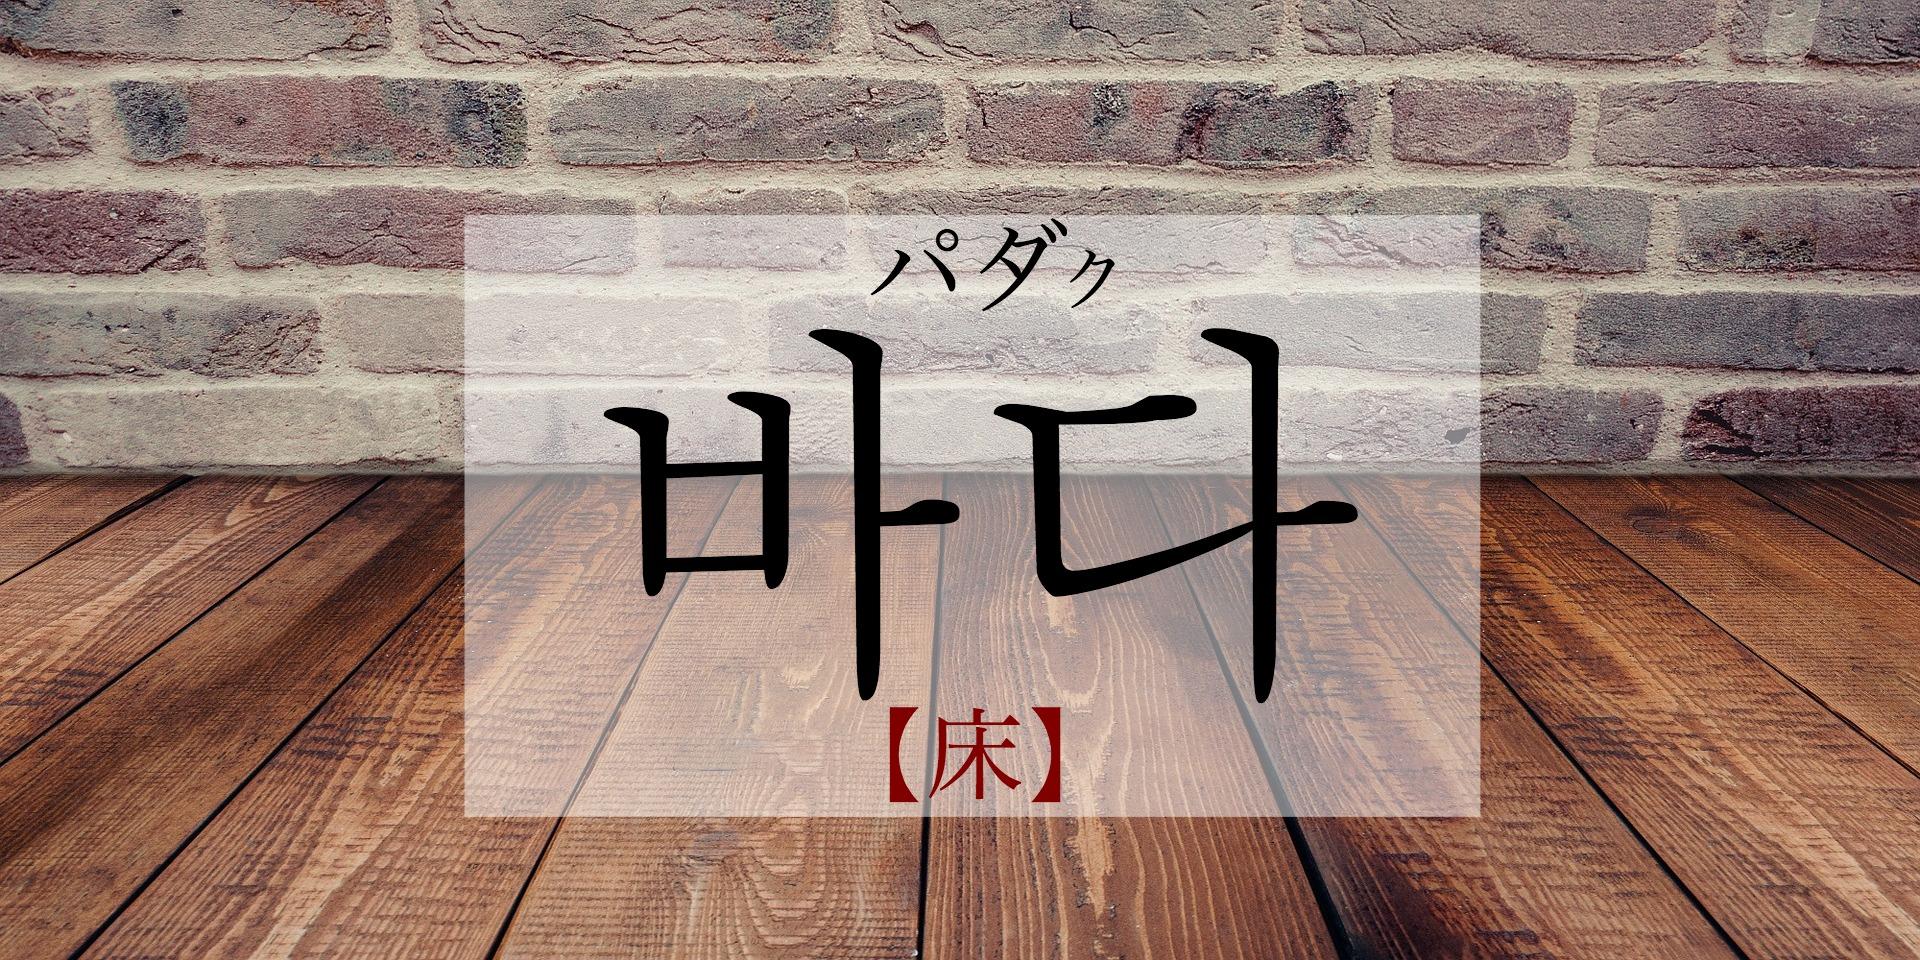 koreanword-floor